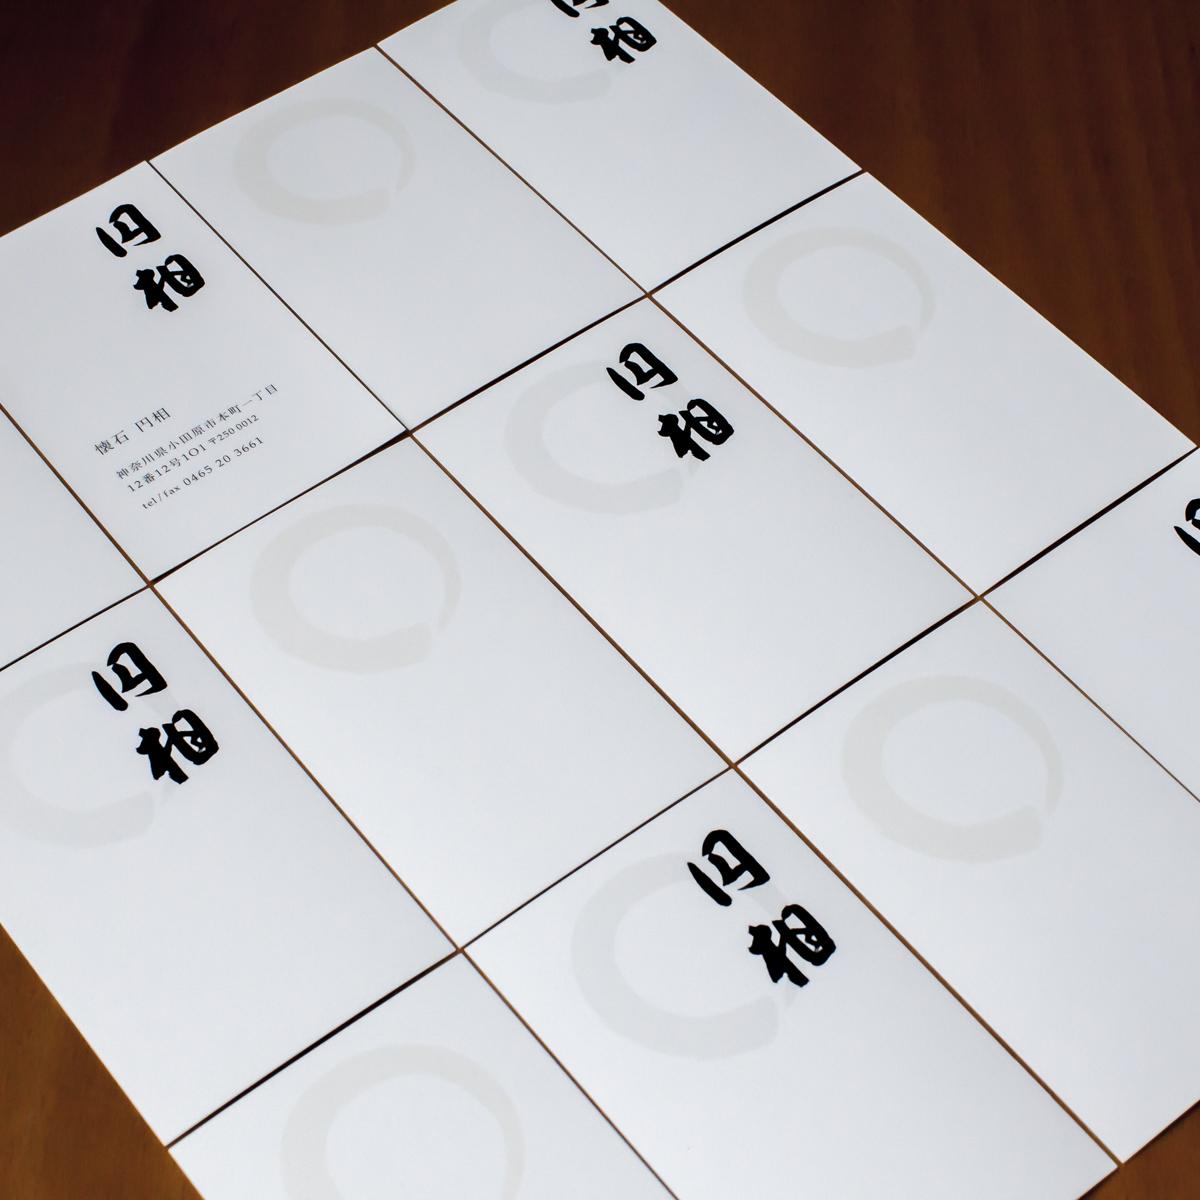 懐石 円相|ショップカード 名刺|グラフィックデザイン|神奈川県小田原市